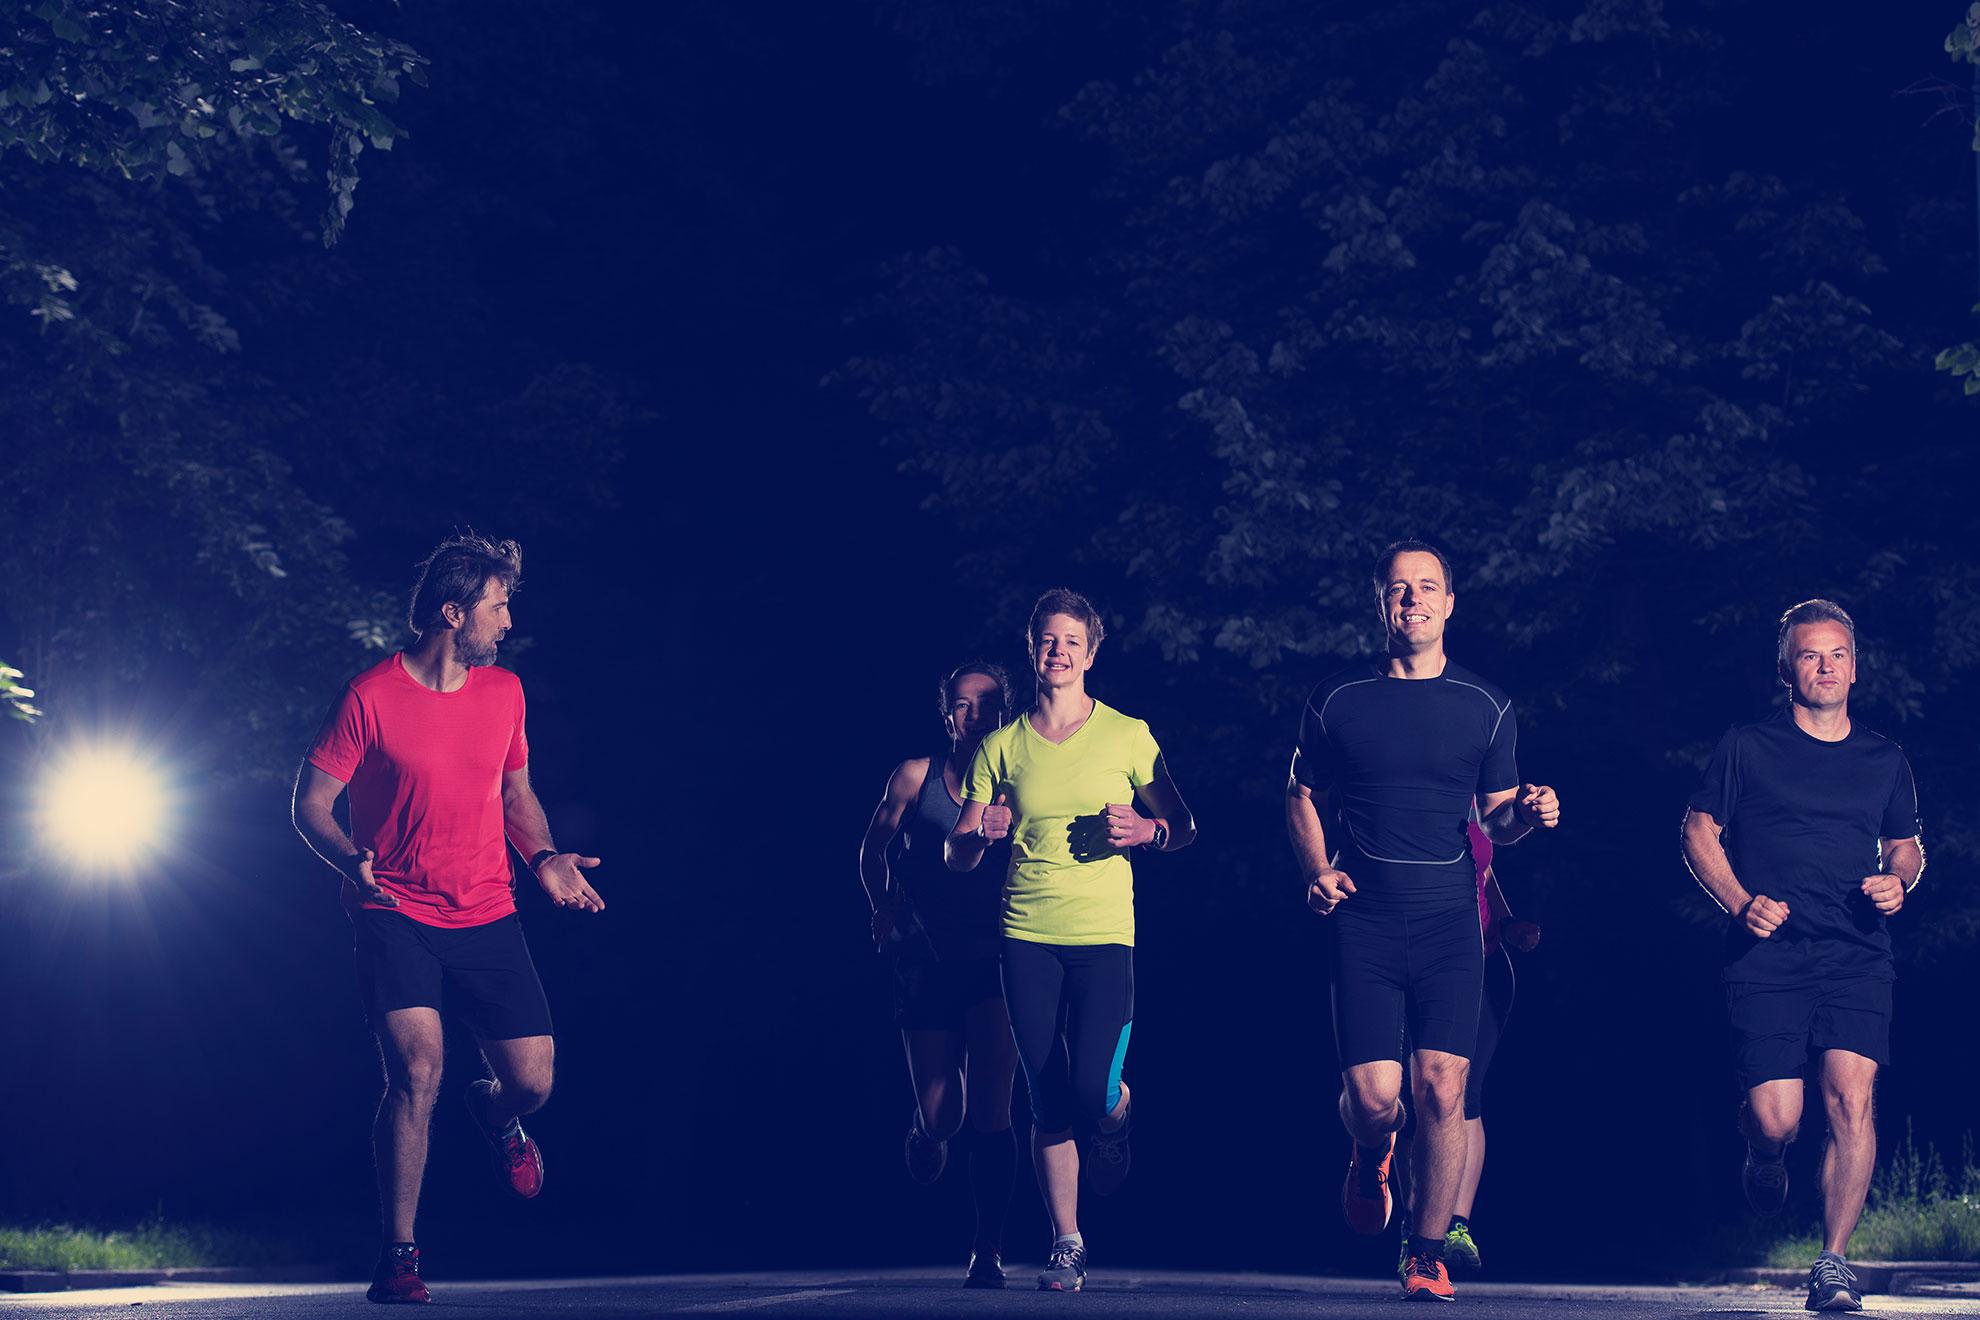 Bieganie w nocy